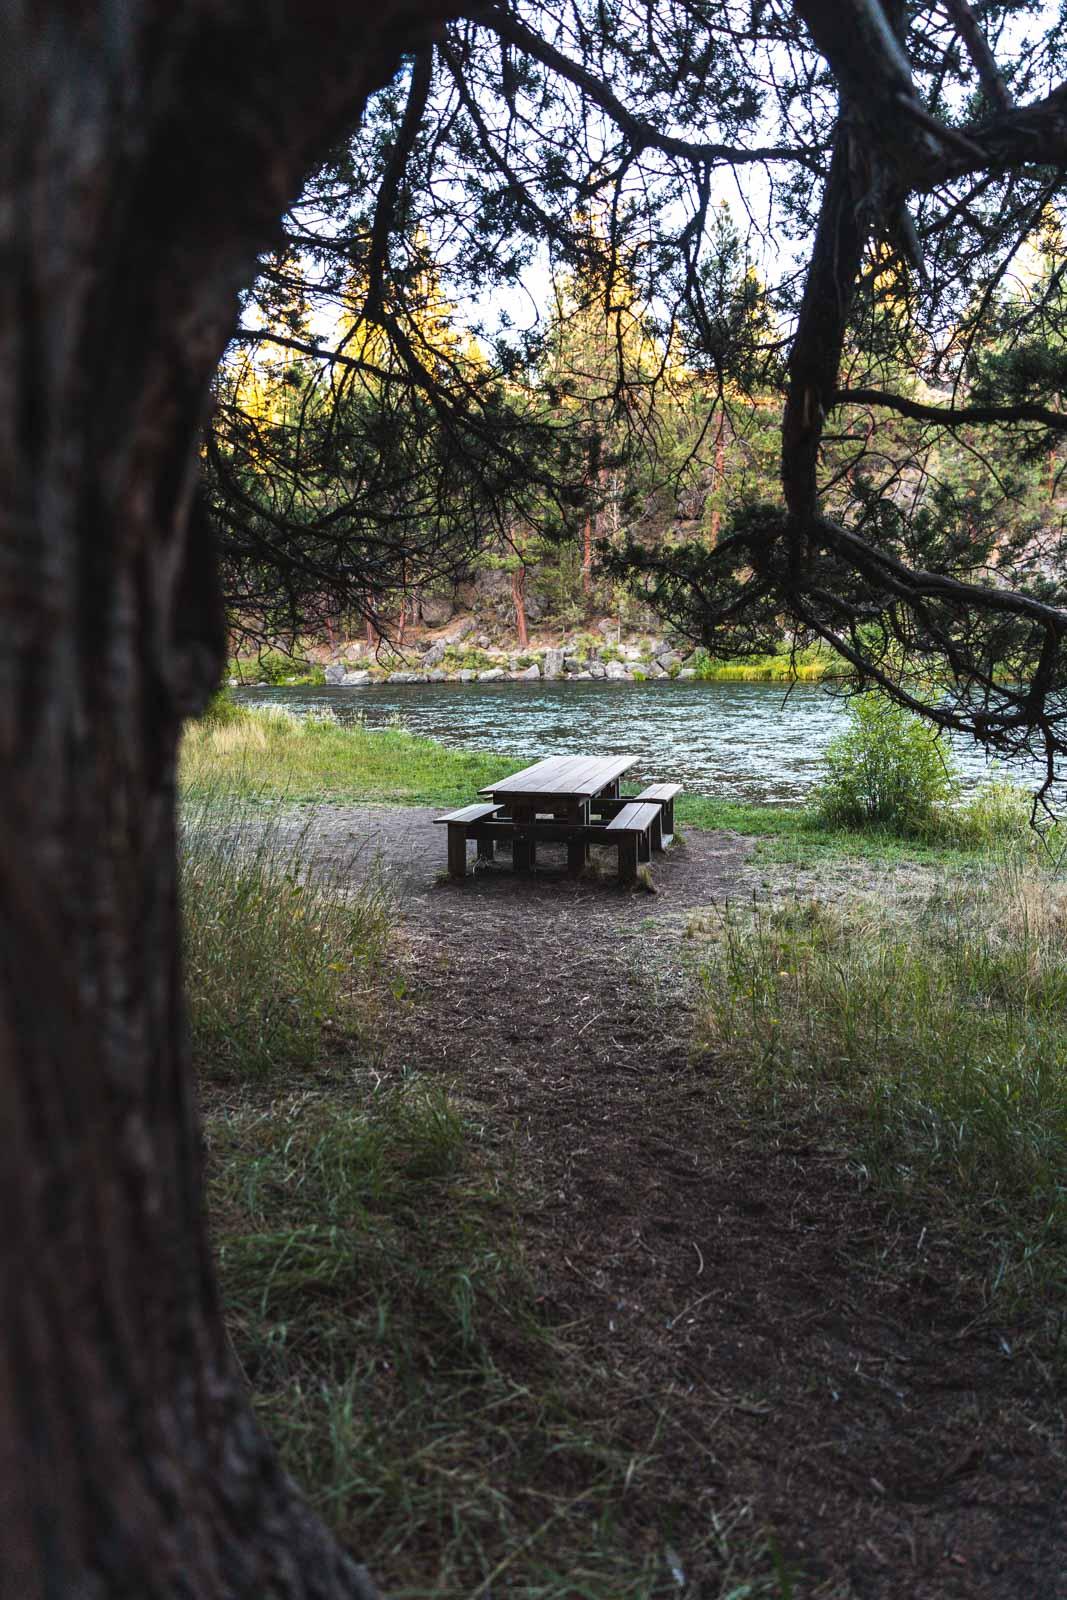 The Deschutes River Trail picnic area